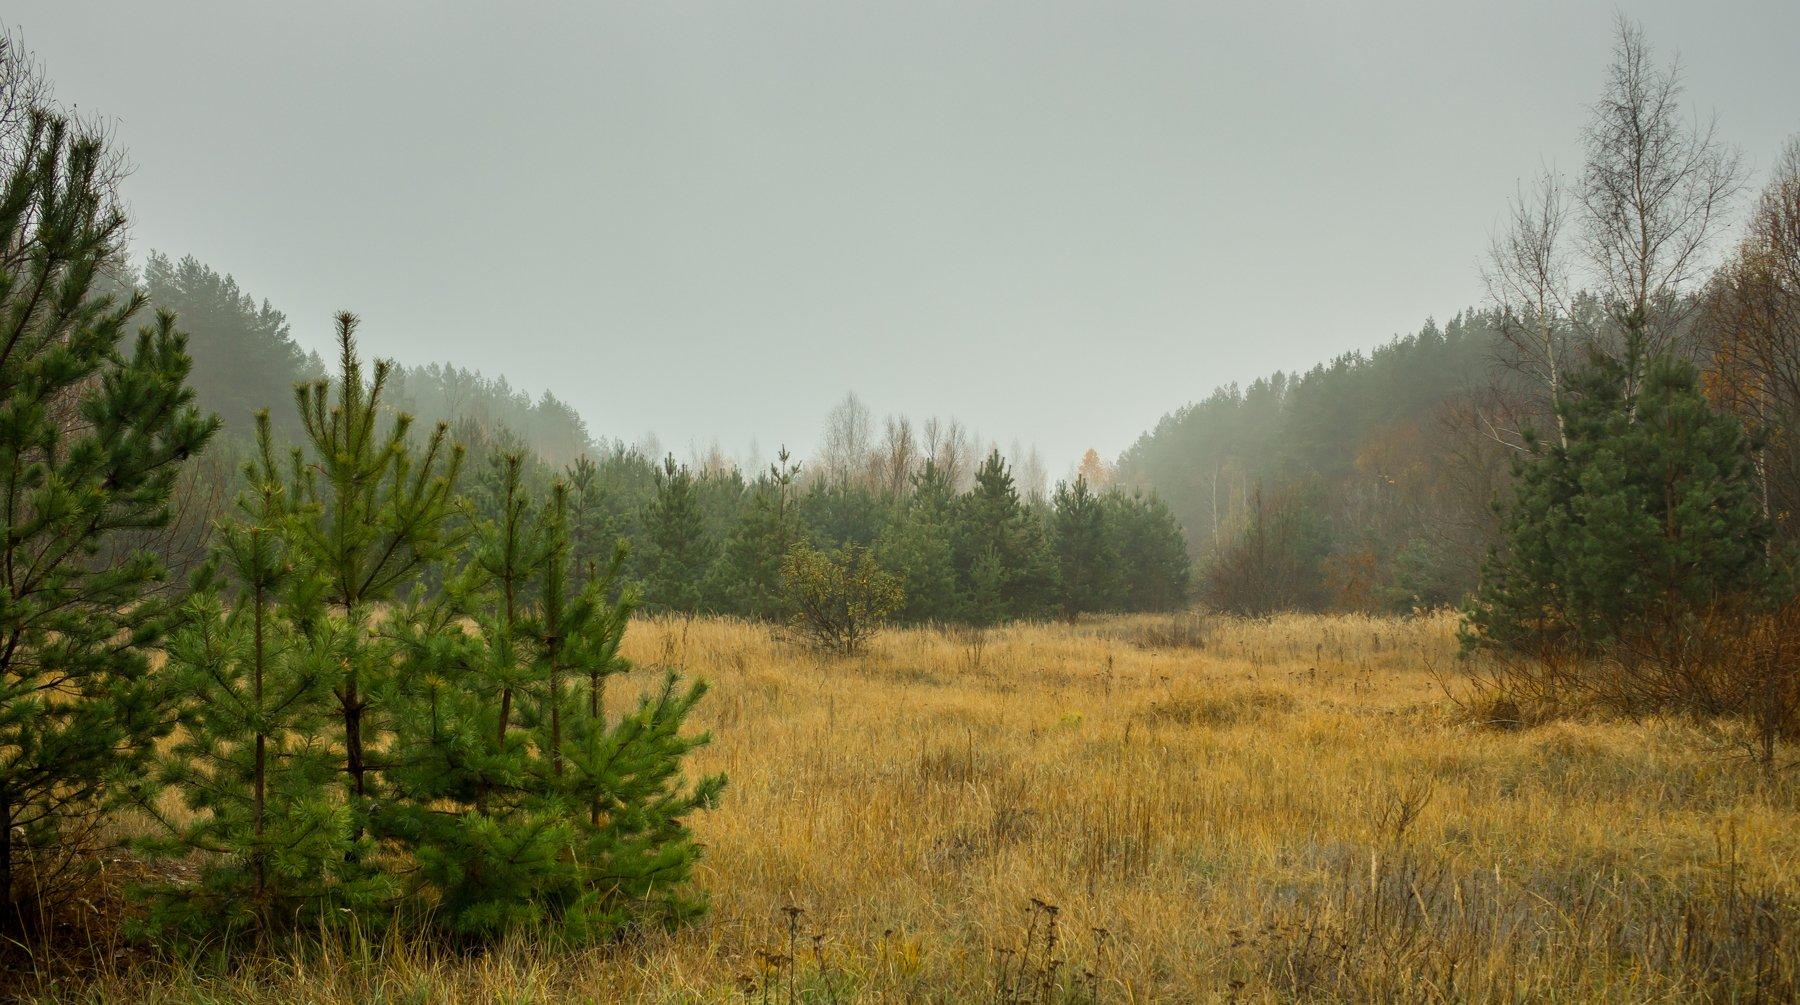 осень, лес, туман, сосны,, Руслан Востриков